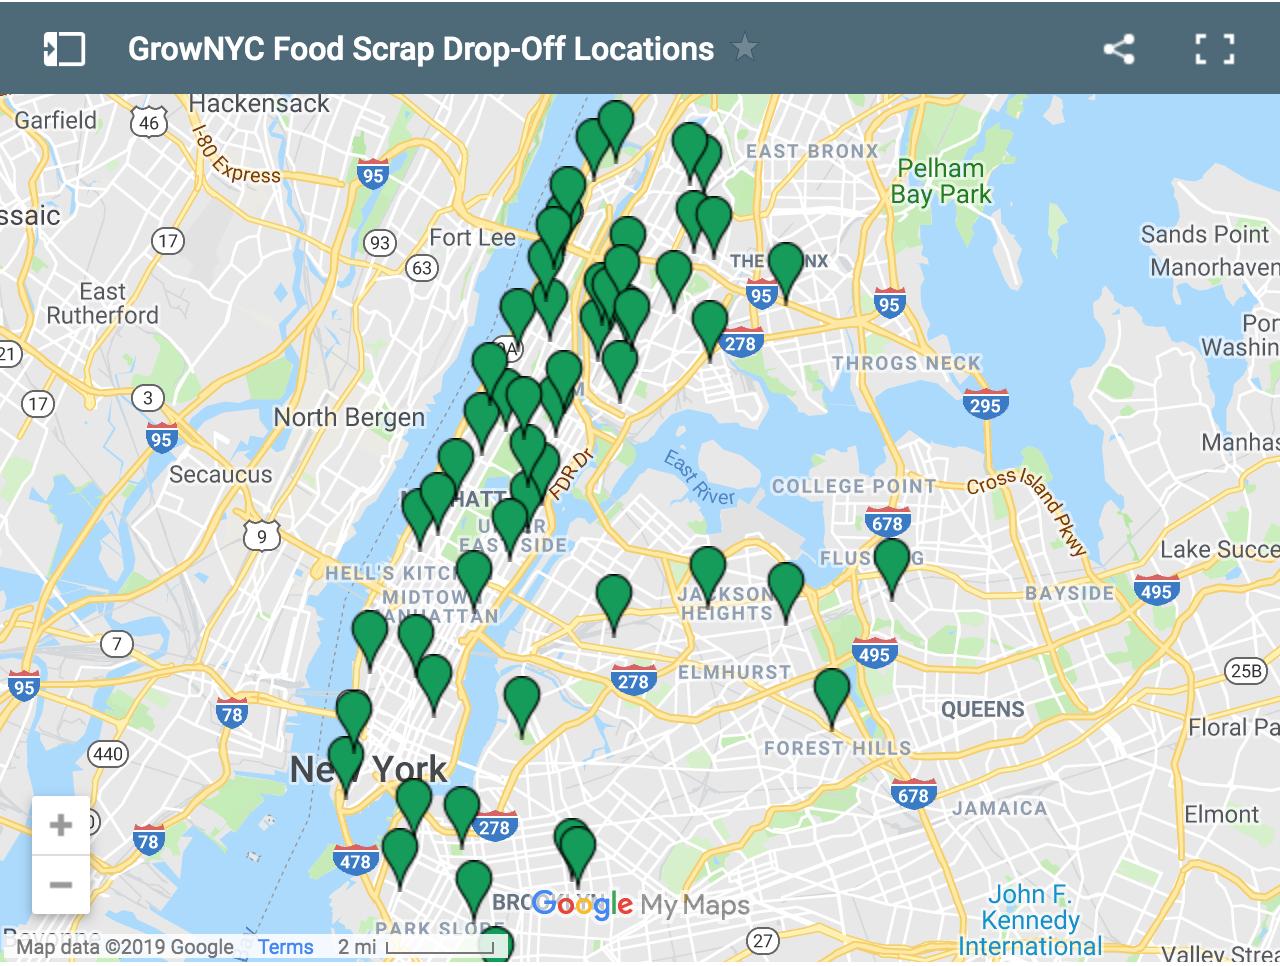 Map of GrowNYC locations in Manhattan & Brooklyn.